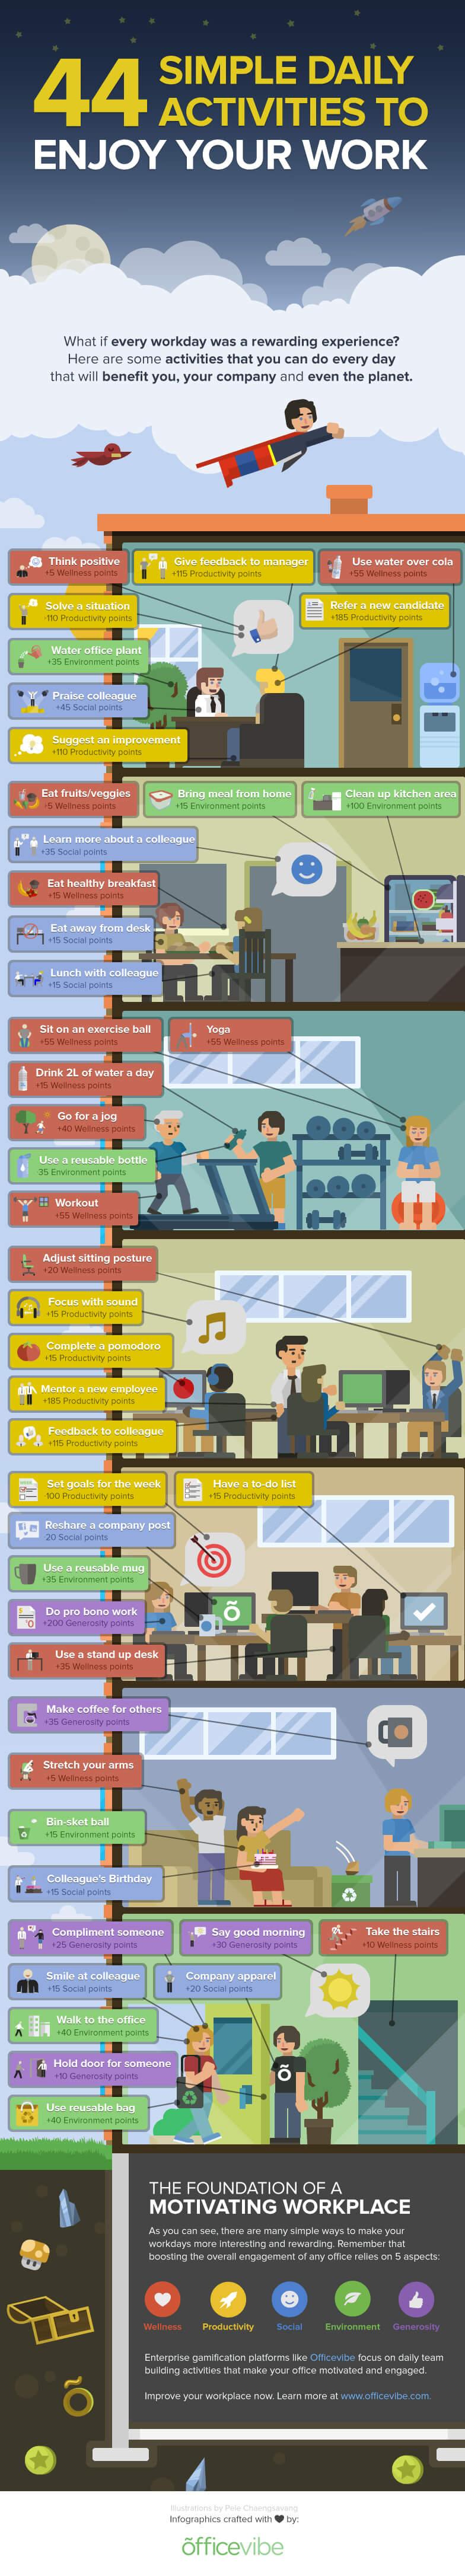 44 Aktivitas Sederhana Harian Untuk Menikmati Pekerjaan di Gudang - Office Vibe - Infografis - JualGudang